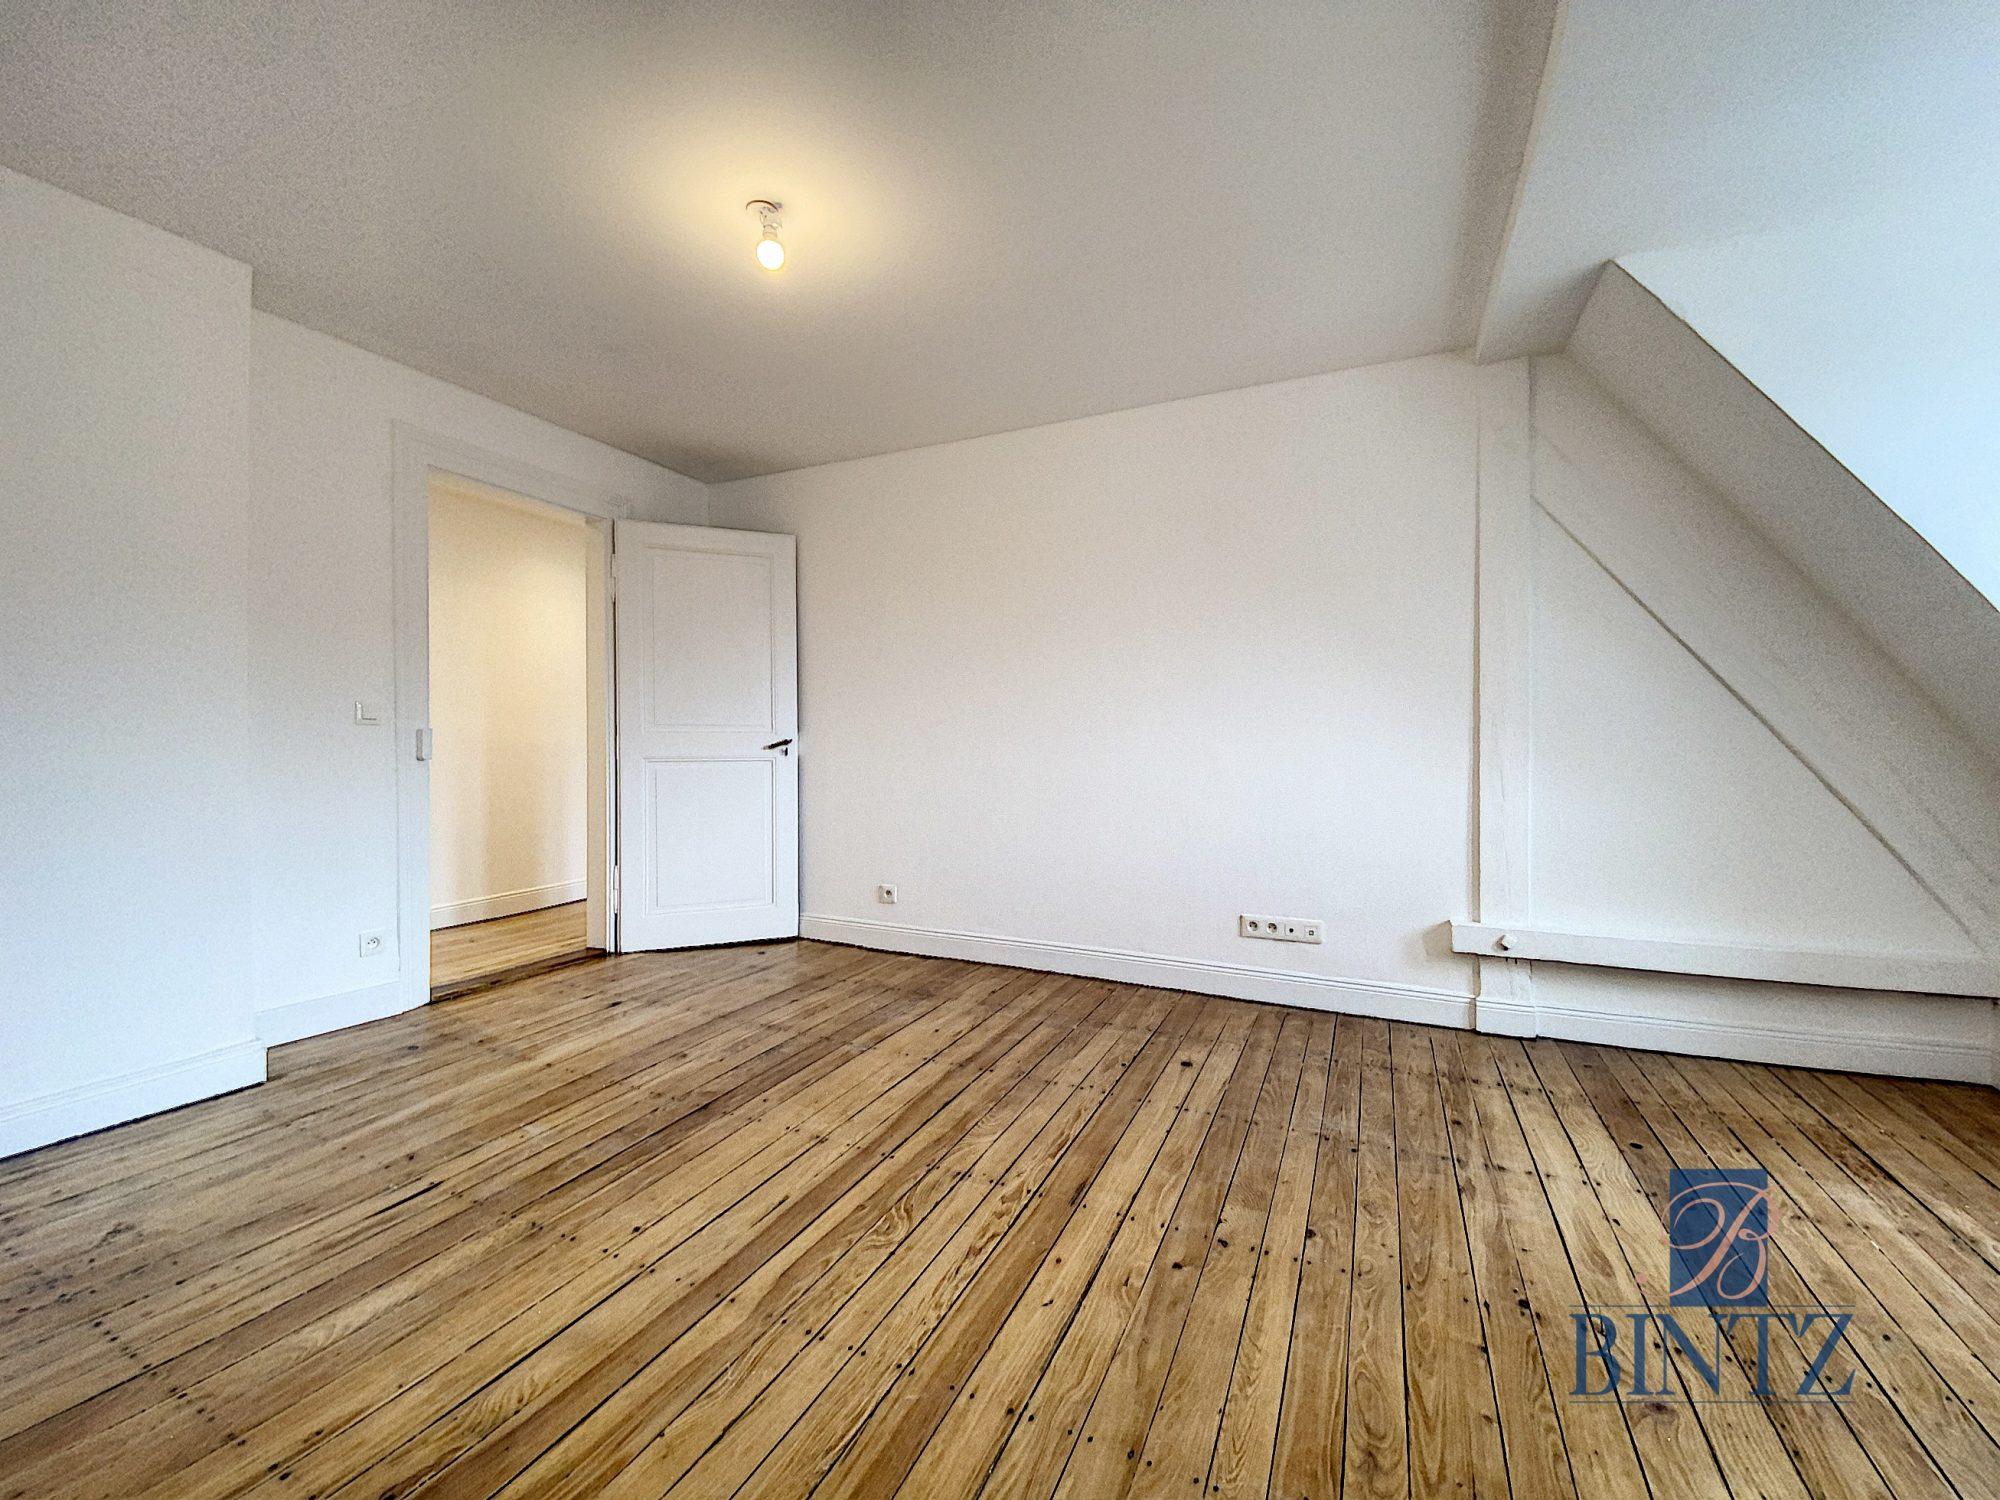 T3 BD LEBLOIS 5EME - Devenez locataire en toute sérénité - Bintz Immobilier - 12